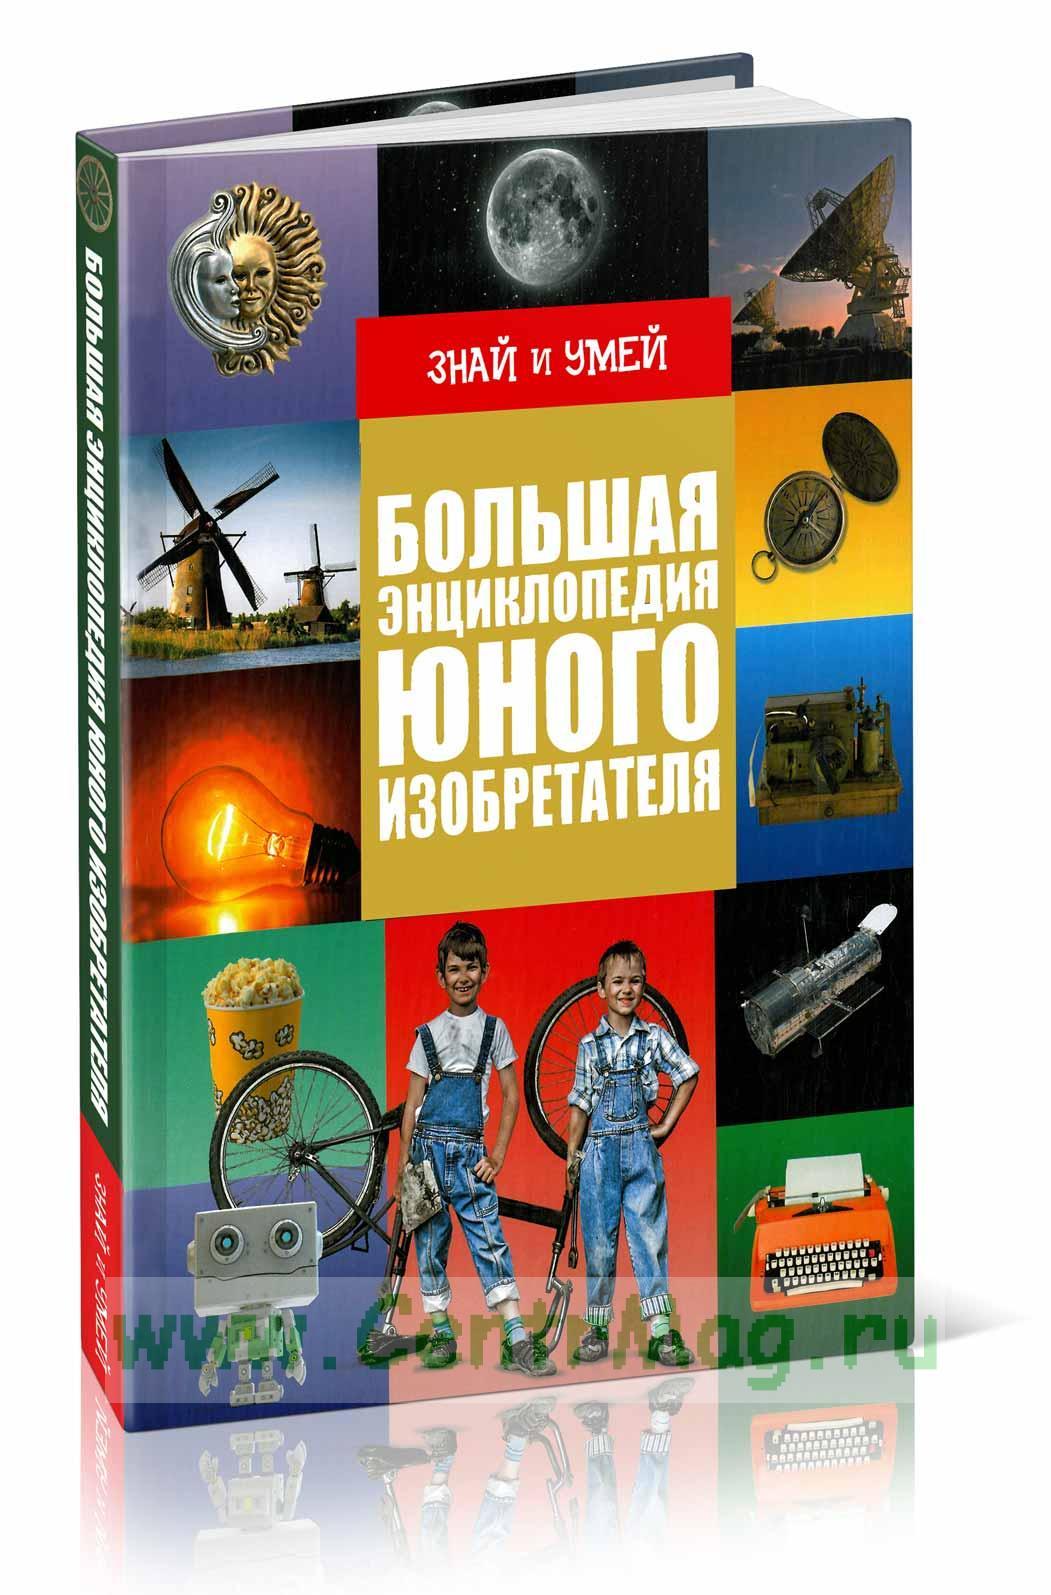 Большая энциклопедия юного изобретателя (Знай и умей)